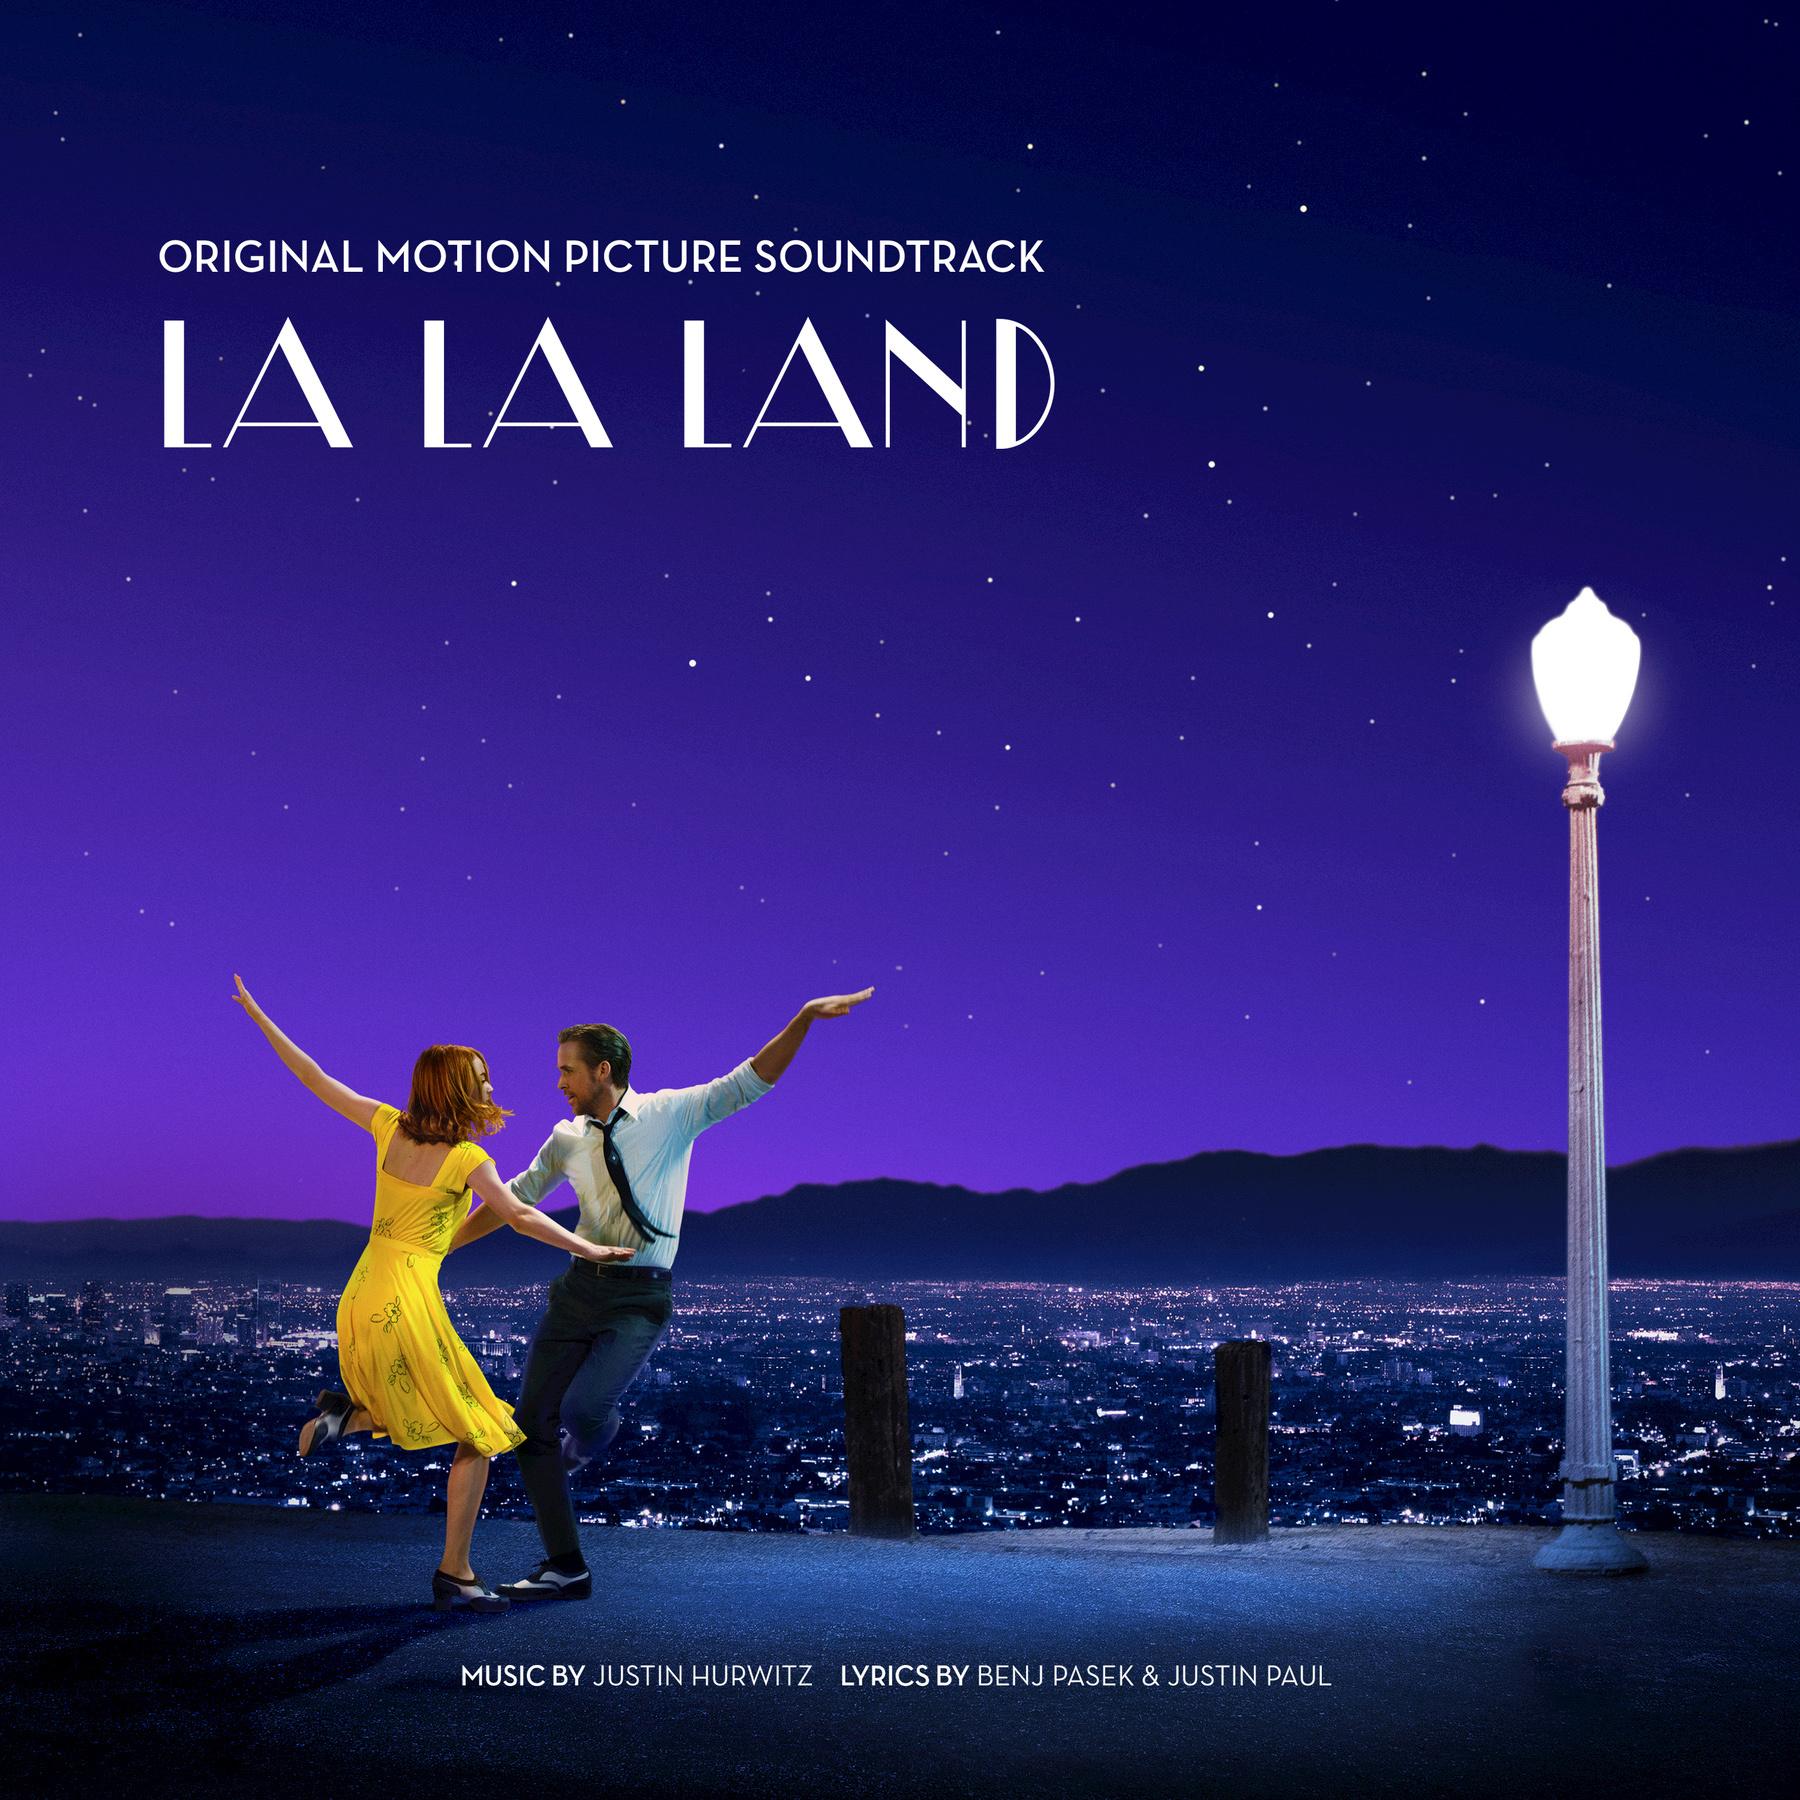 La La Land (Original Motion Picture Soundtrack)(爱乐之城 电影原声带)